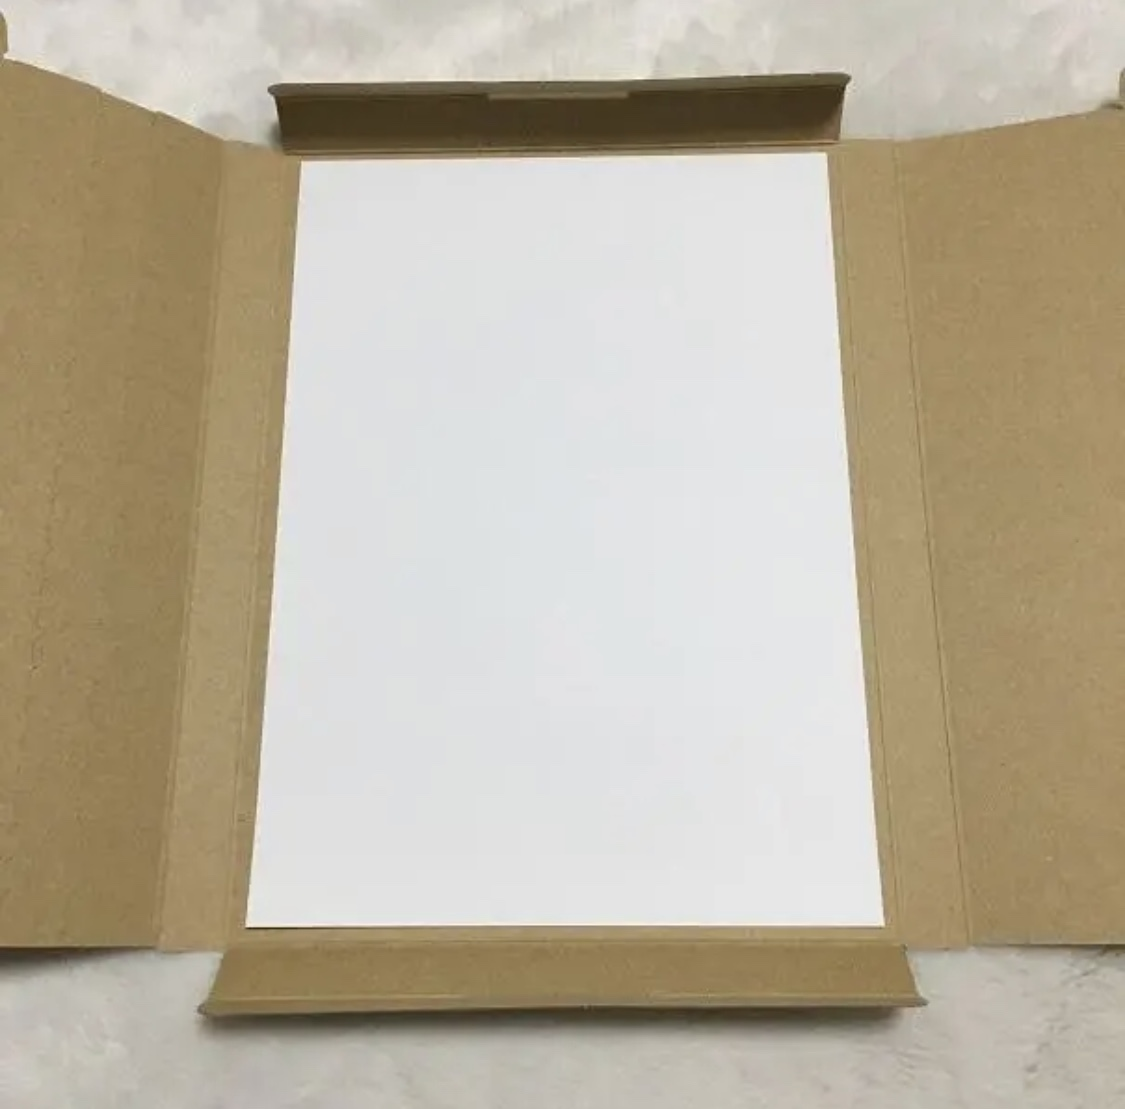 送料無料★《3サイズ/計90枚》ネコポス対応 ダンボール 段ボール 箱 梱包資材 ヤマト ゆうパケット クリックポスト 定形外 Ⅸ_画像4